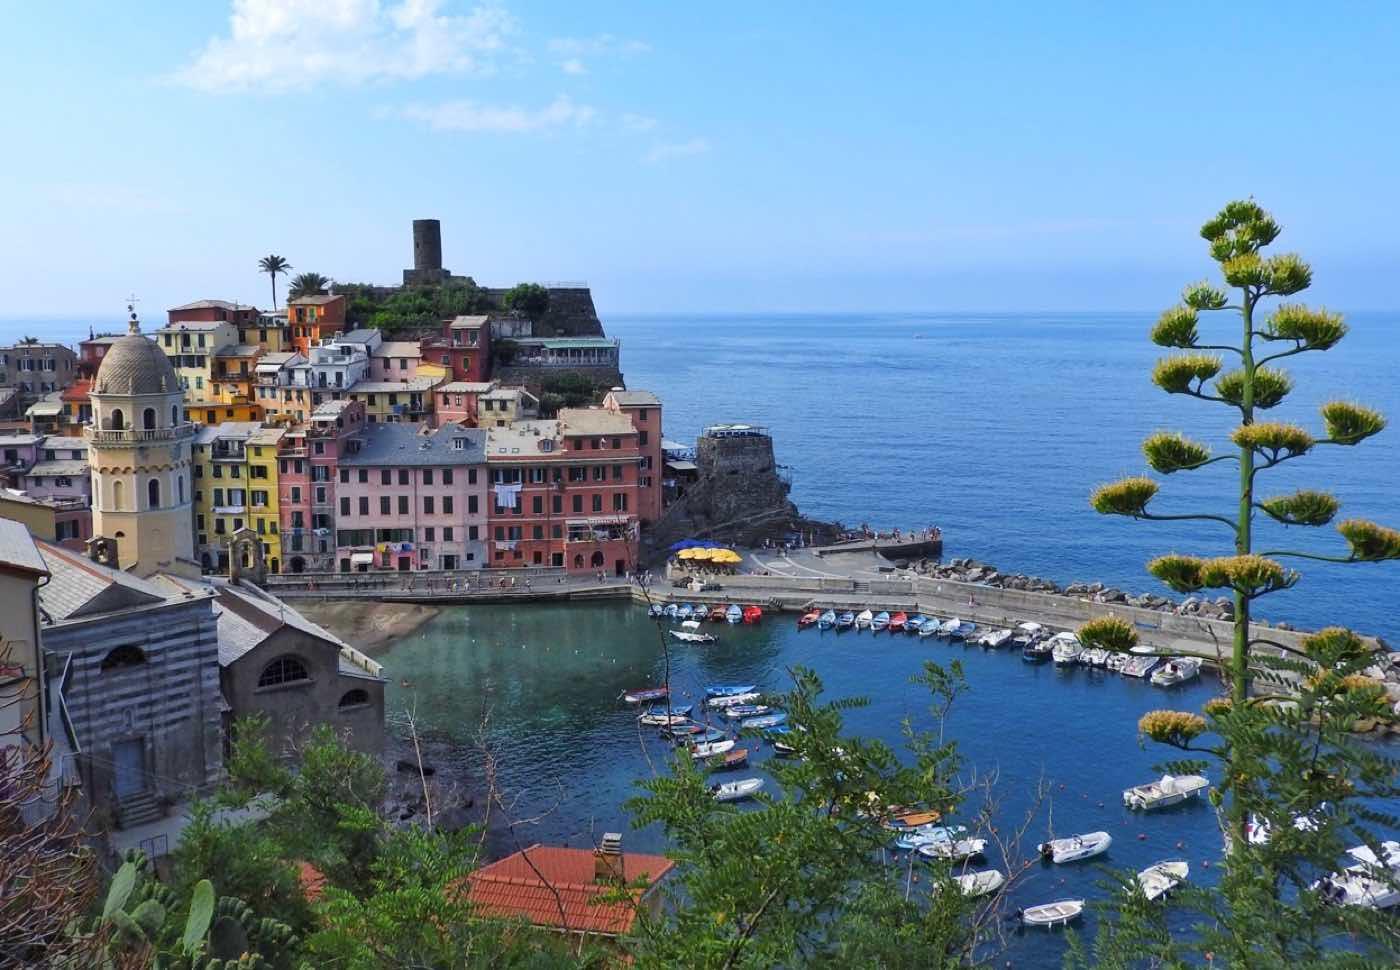 cinque terre blog guide vernazza italy